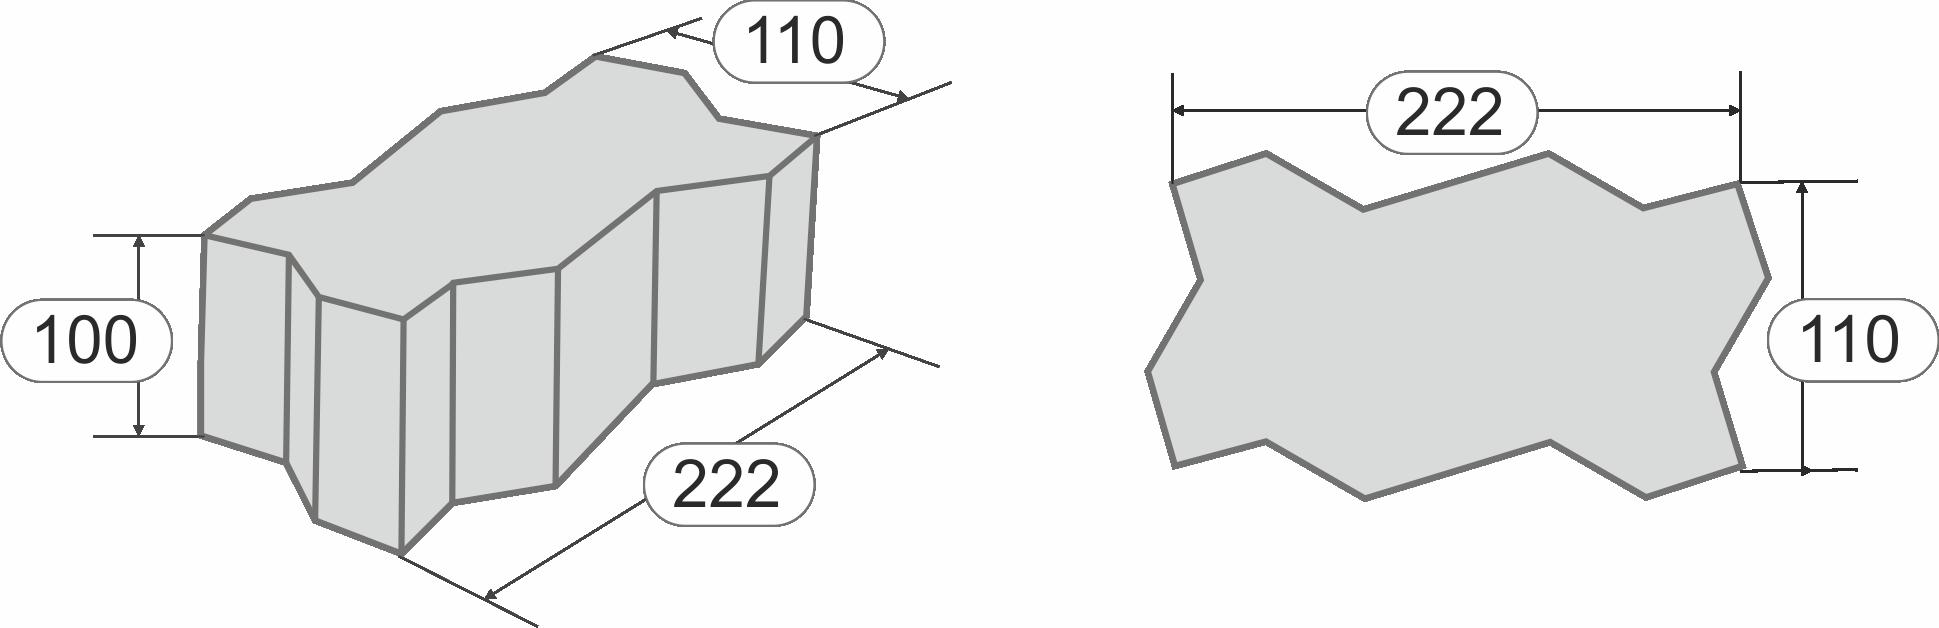 Размеры камней мощения Волна 100